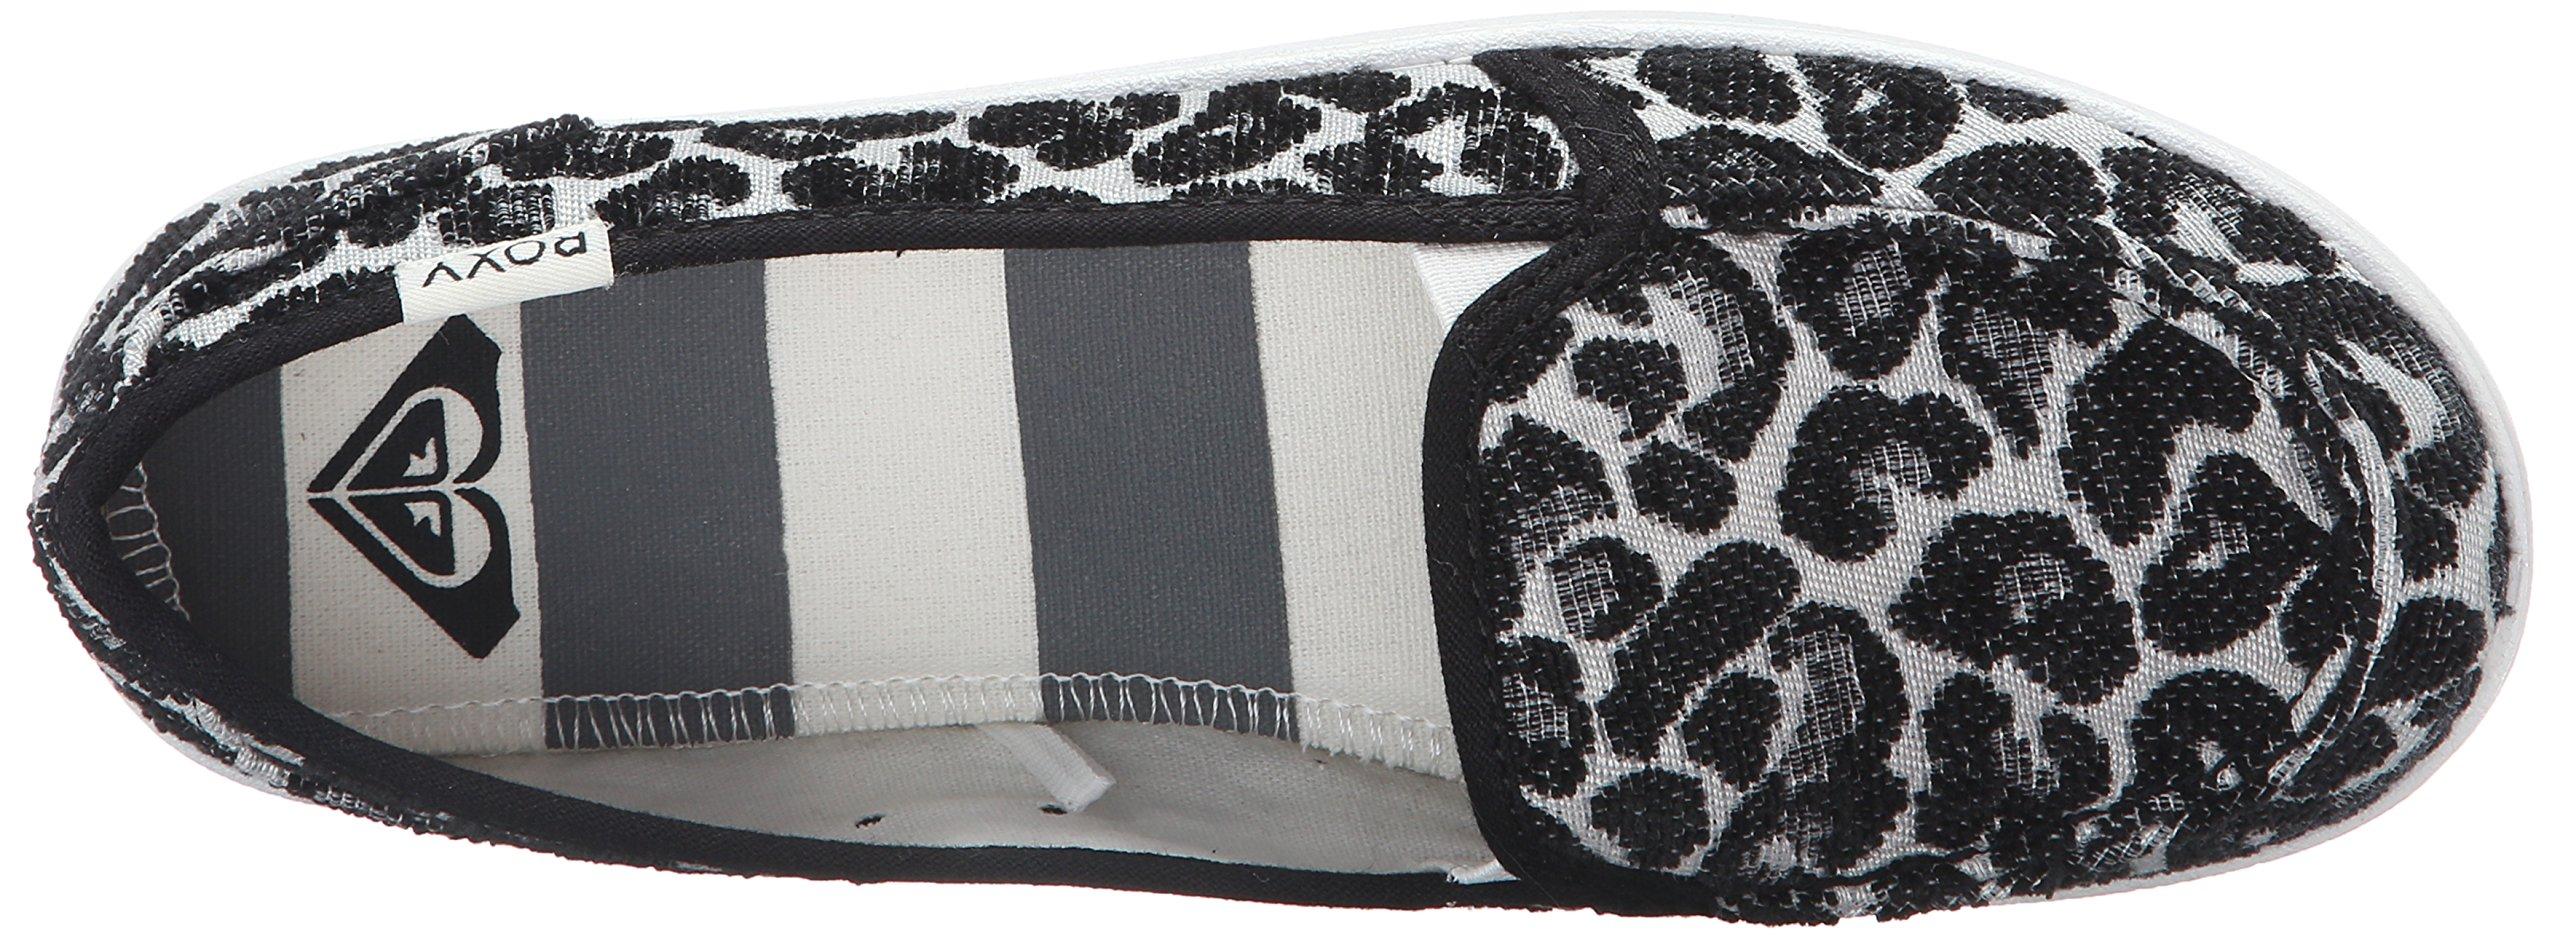 Roxy Women's Lido Iii Slip-on Shoes Flat, Black/Black/Dark Grey, 7 M US by Roxy (Image #8)